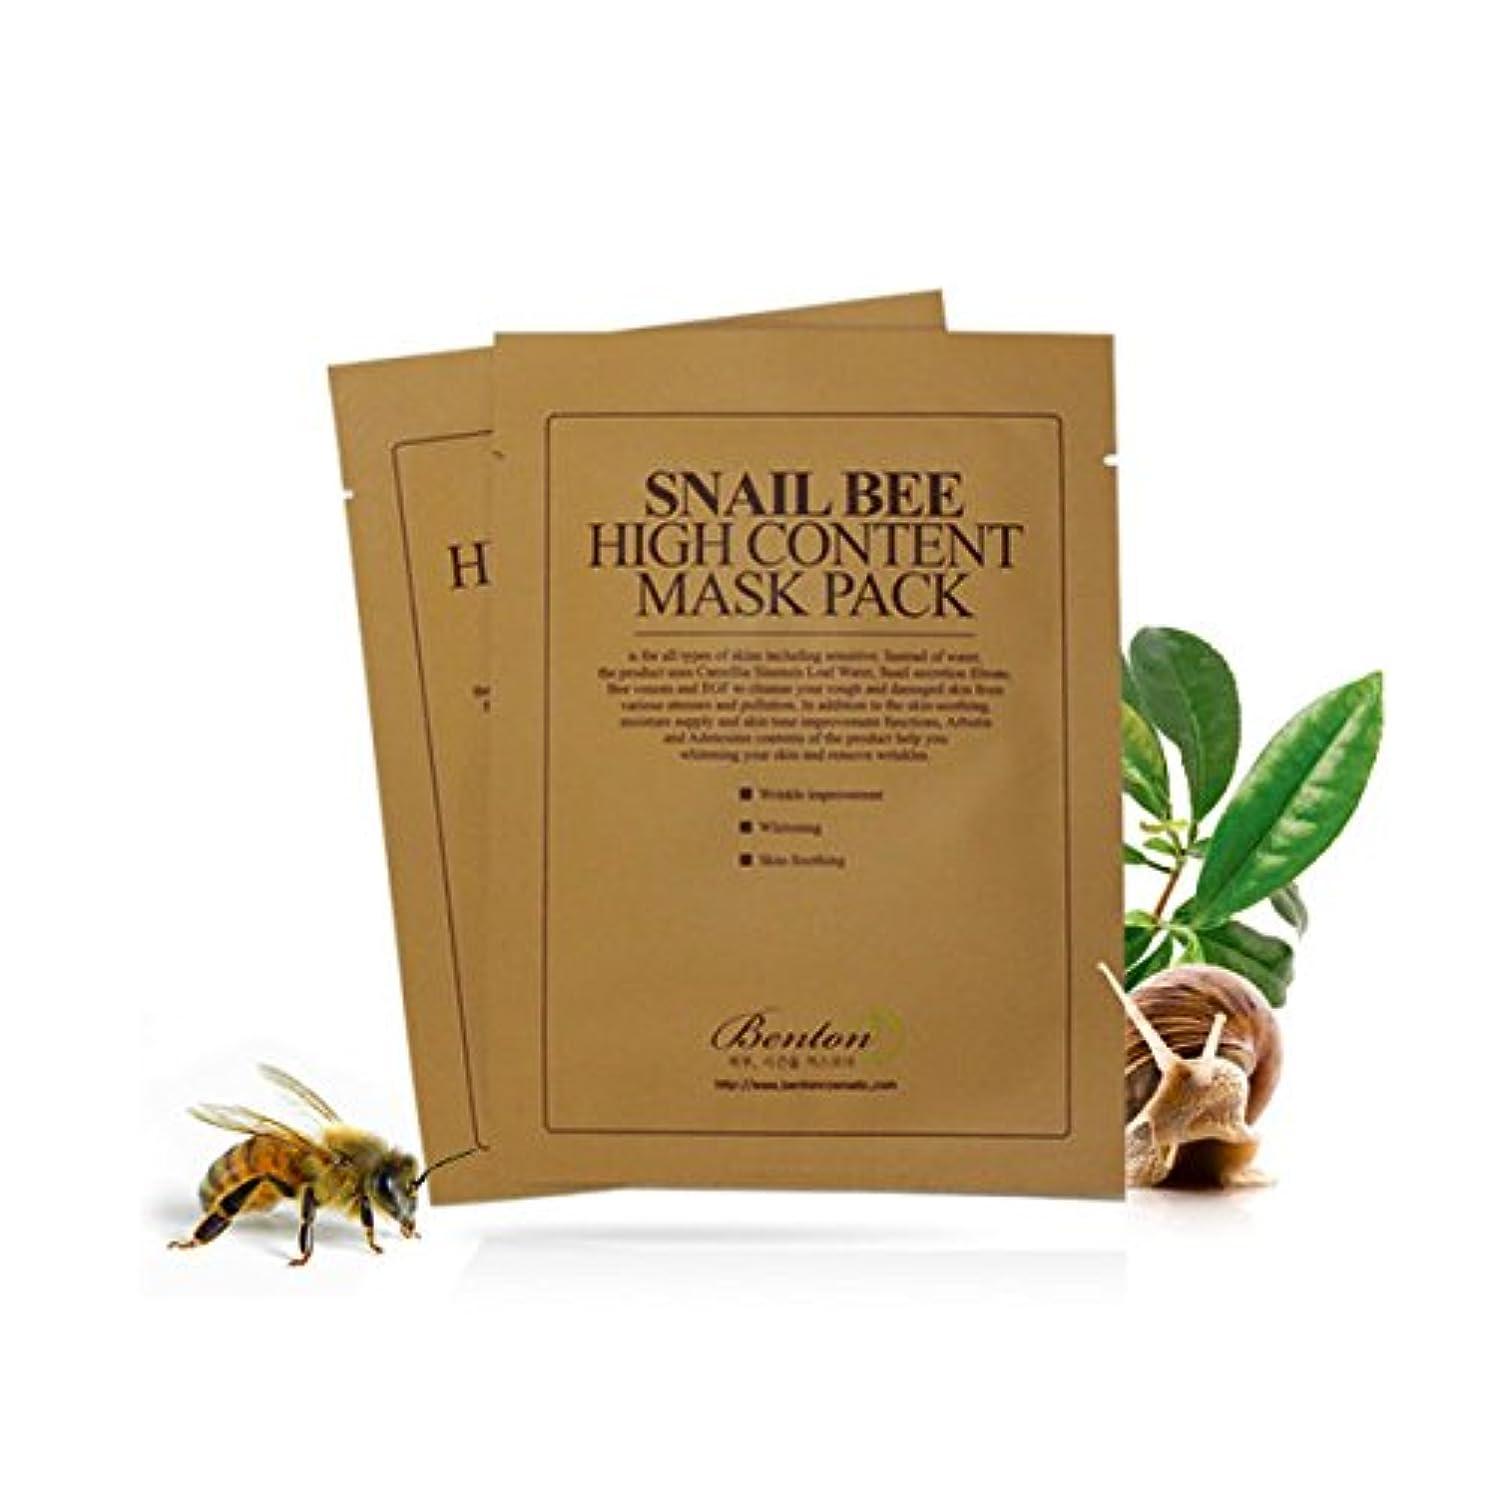 許可する経由で意気揚々[ベントン] BENTON カタツムリ蜂の高いコンテンツ?マスクパック Snail Bee High Content Mask Pack Sheet 10 Pcs [並行輸入品]